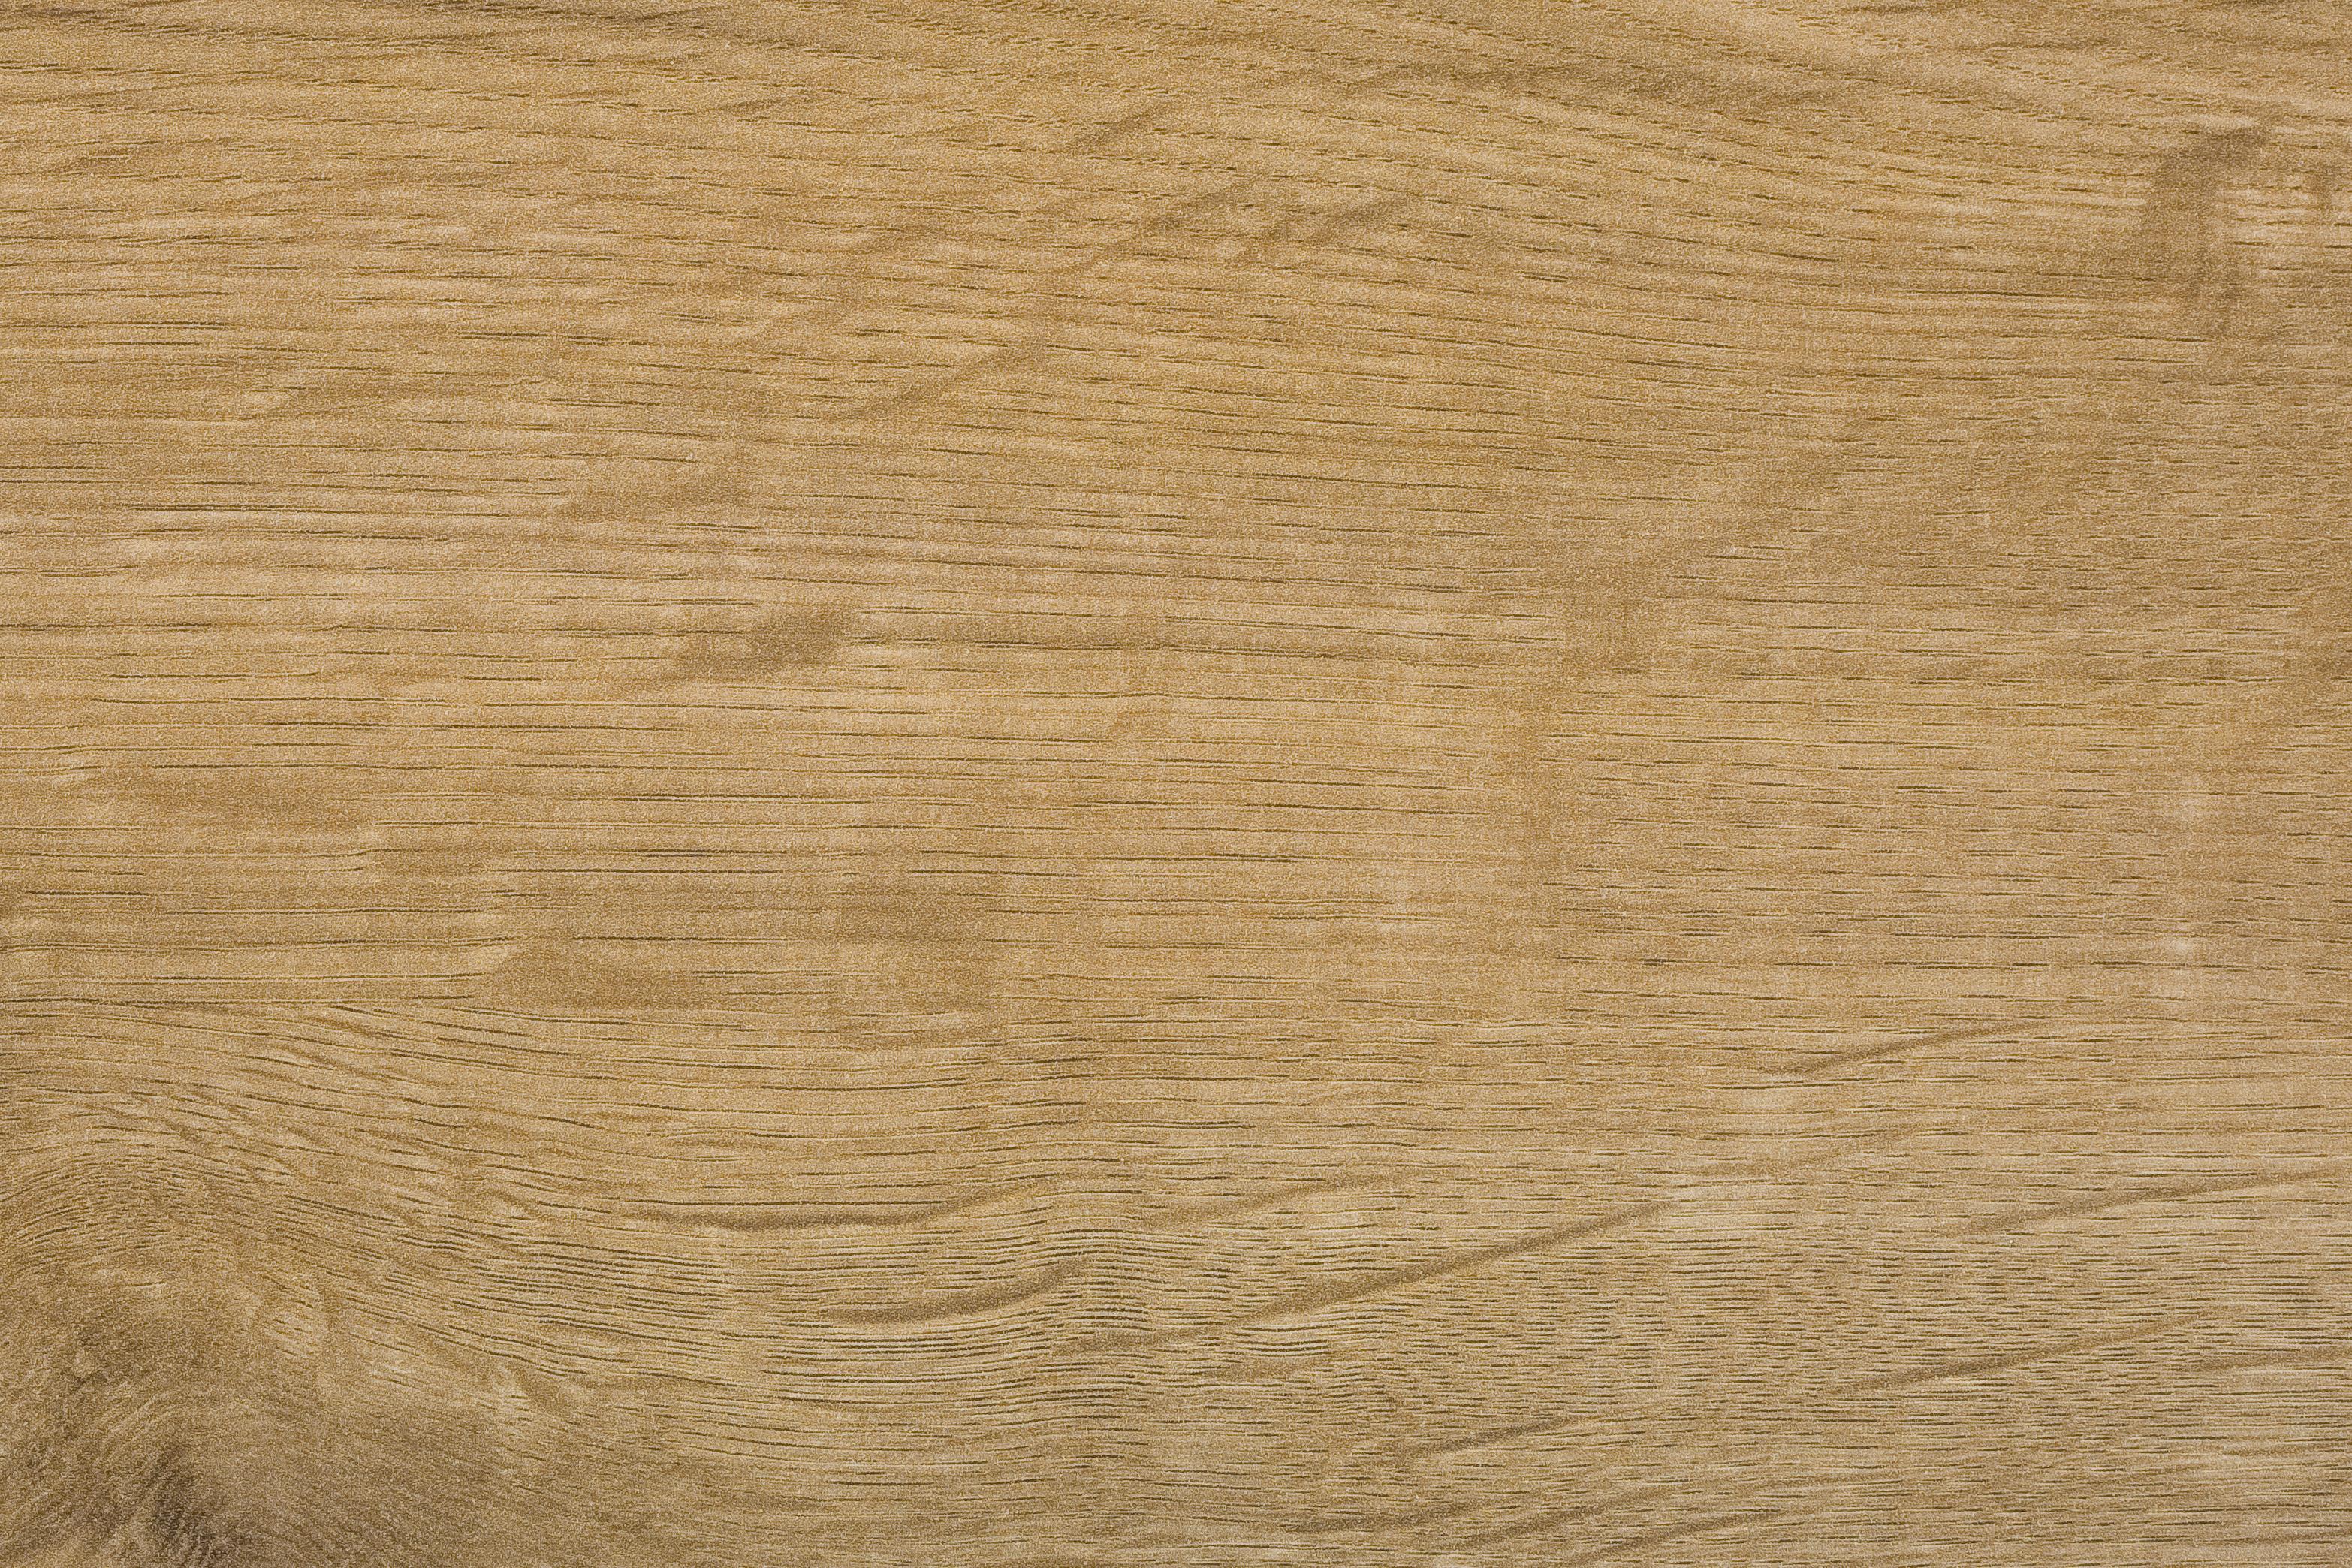 Mooi laminaat bamboe look badkamermeubels ontwerpen